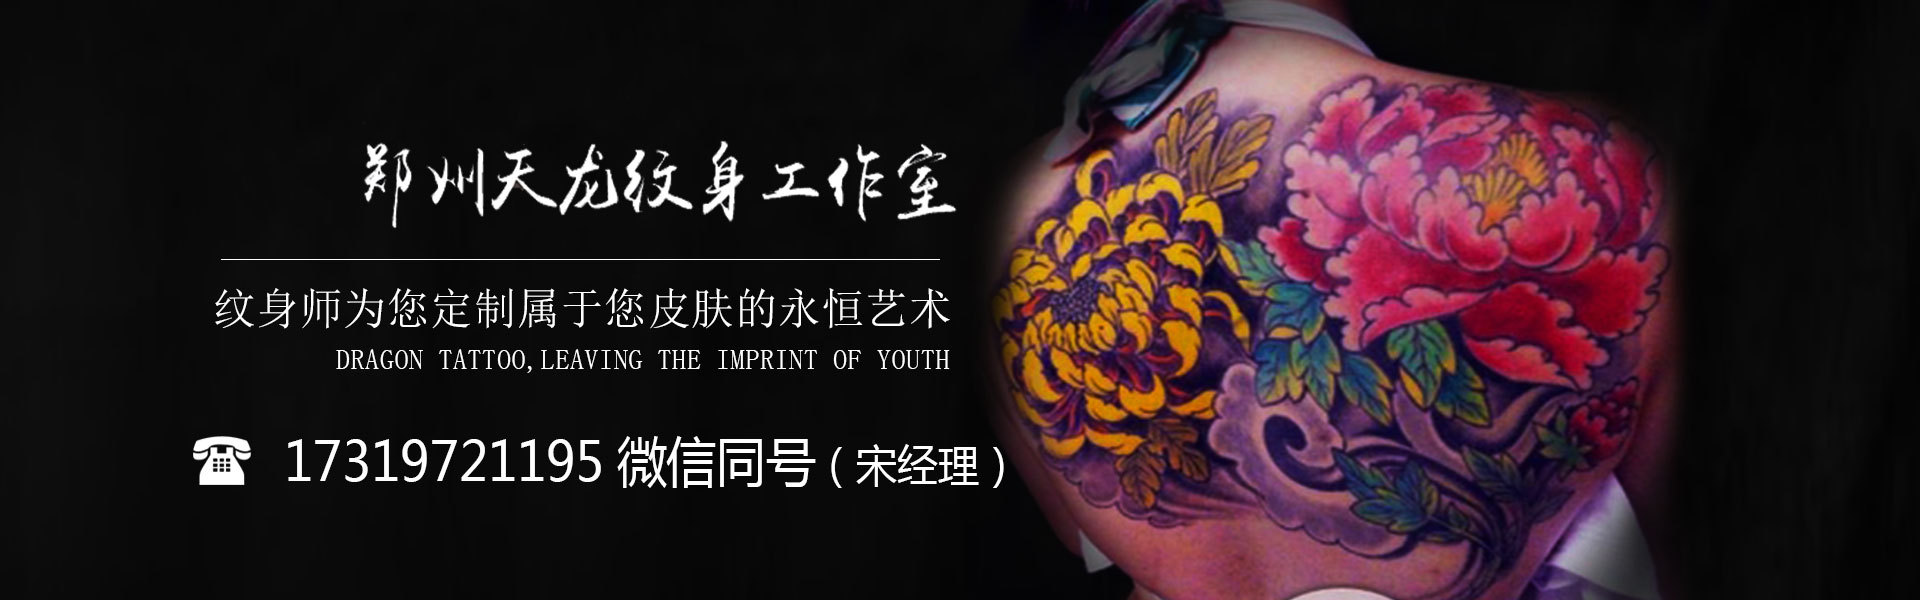 鄭州紋身培訓